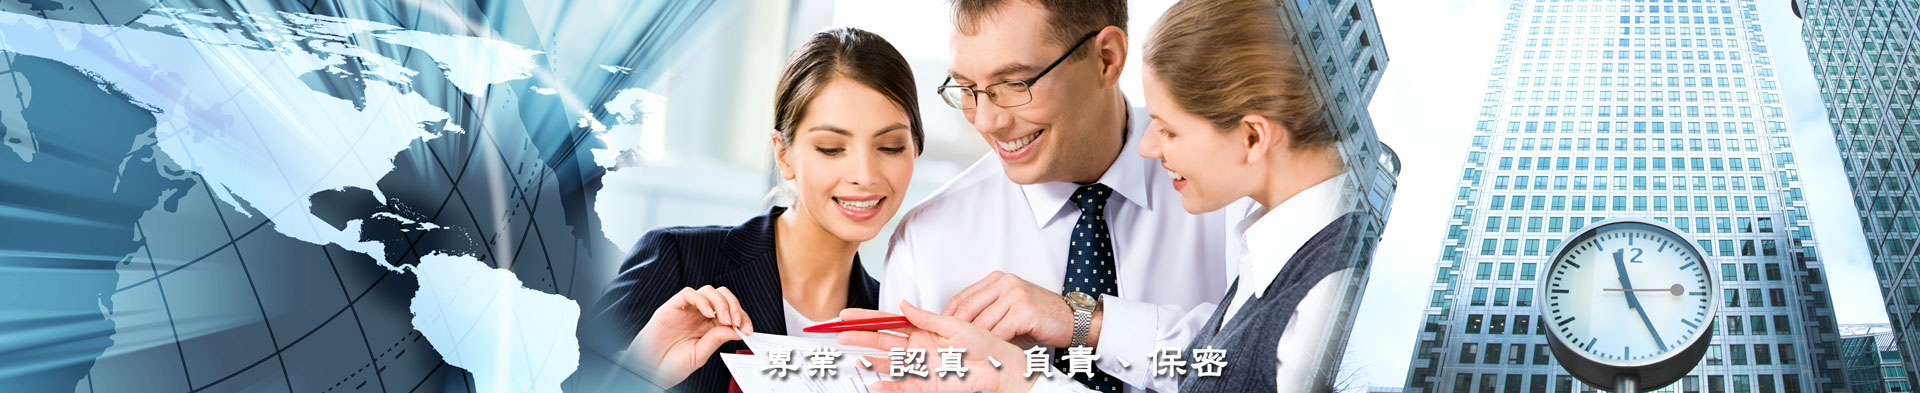 Transtar Translation Co., Ltd.